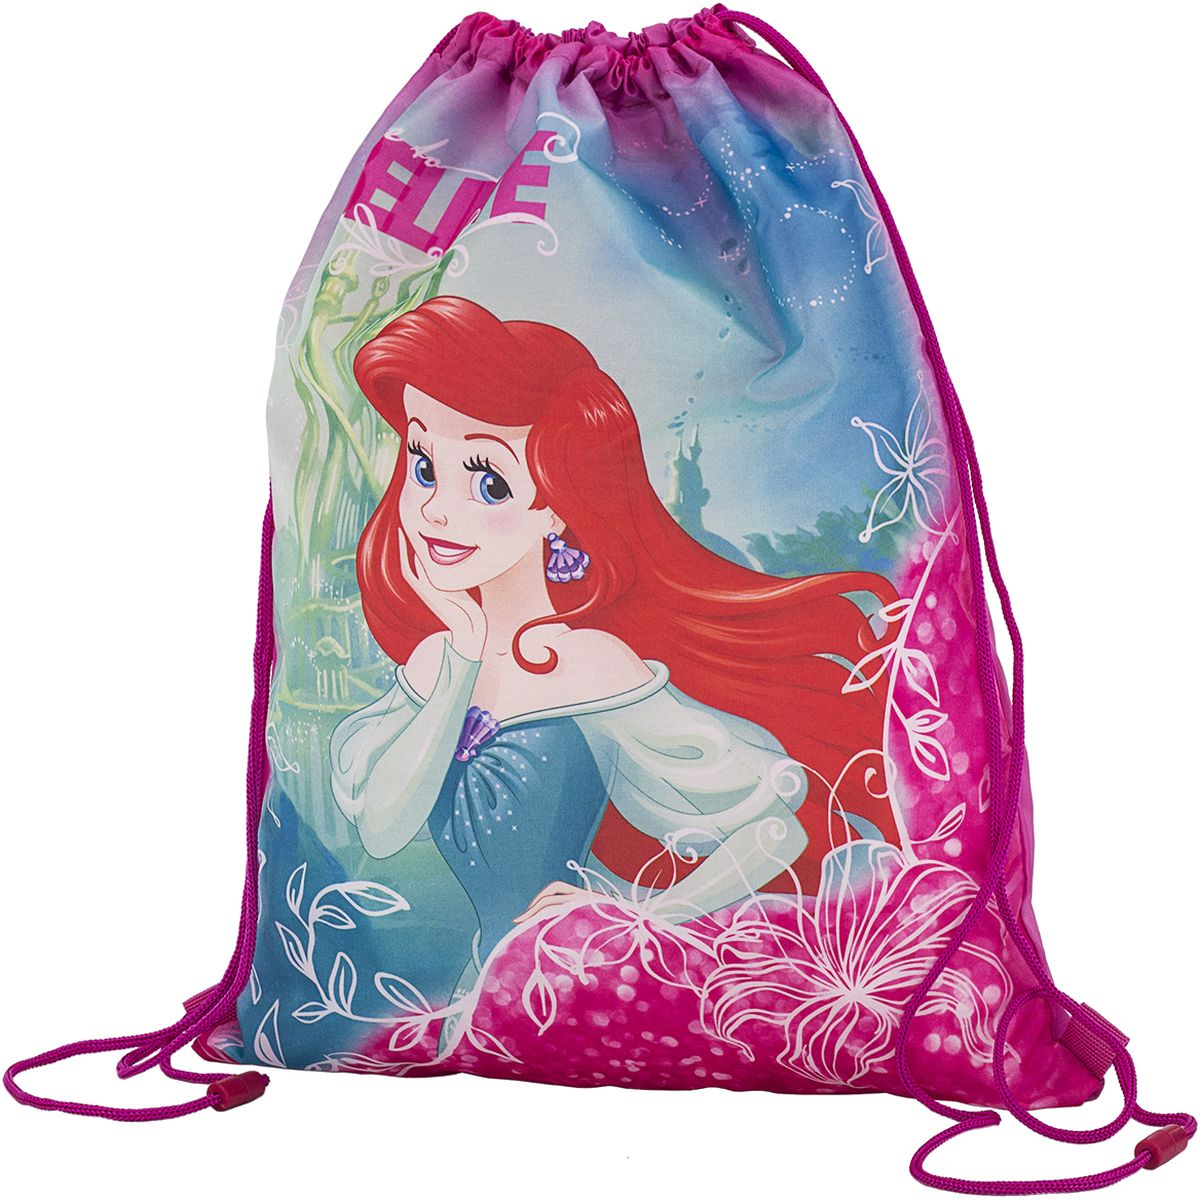 Disney Princess Сумка для сменной обуви АриэльPREB-MT1-883Сумка-мешок для сменной обуви Disney Princess Ариэль станет удобным помощником в школьной и спортивной жизни ребенка, а любимые герои будут долго радовать его. Изделие подойдет как для хранения, так и для переноски сменной обуви и одежды любого размера.Сумка выполнена из прочного водостойкого полиэстера и содержит одно вместительное отделение, затягивающееся с помощью текстильных шнурков. Шнурки фиксируются в нижней части сумки, благодаря чему ее можно носить за спиной как рюкзак.